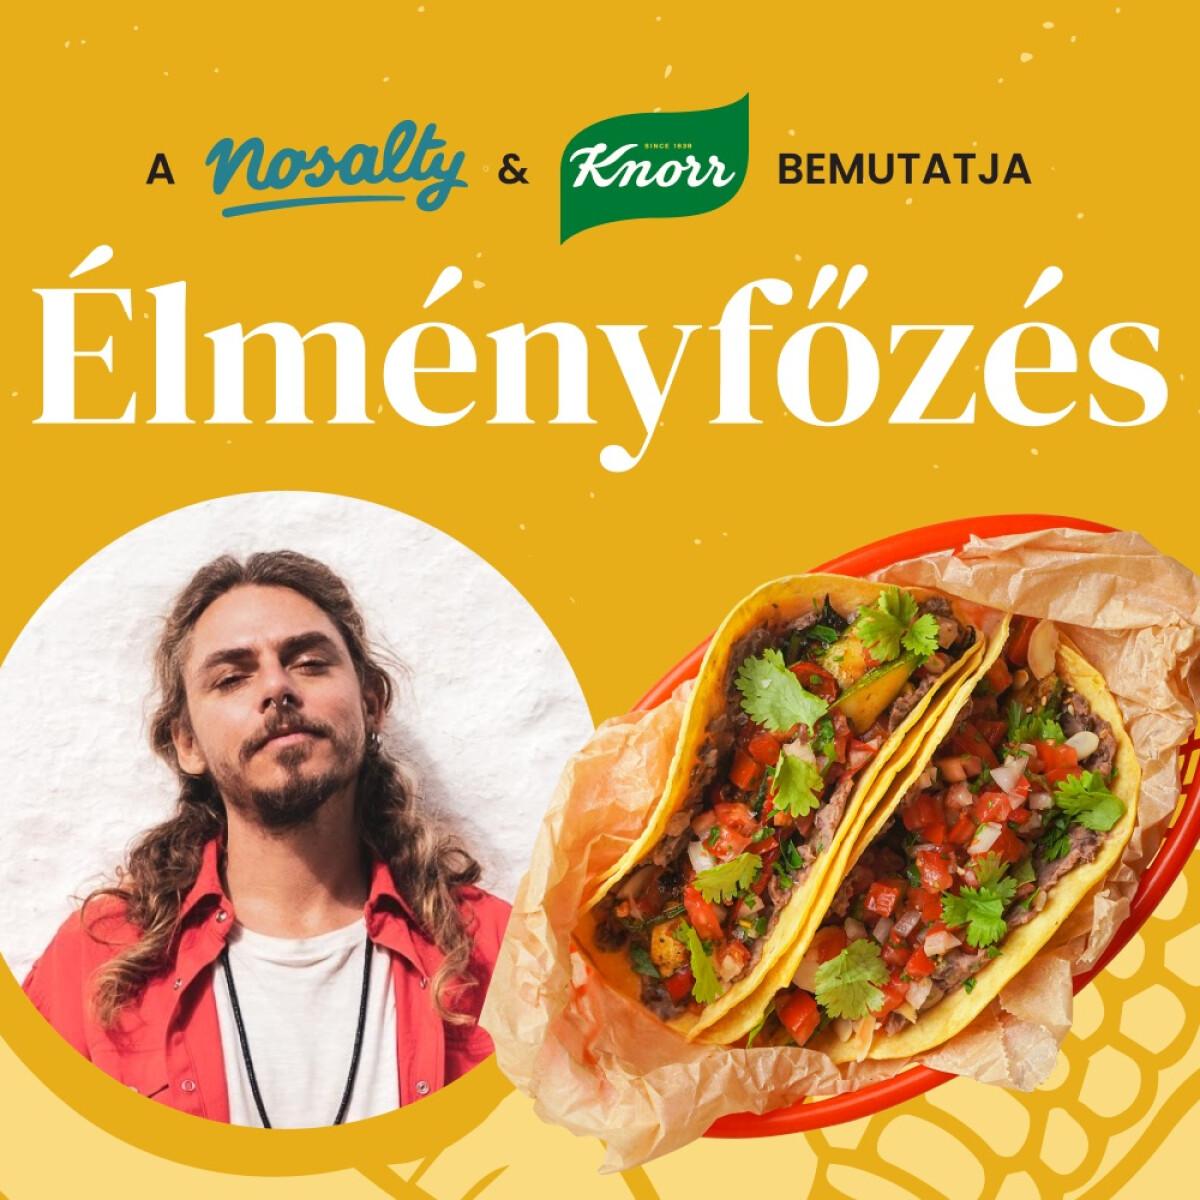 Élményfőzés Steiner Kristóffal – készíts vele tacot feketebabpürével, sült zöldségekkel és salsával, élőben!